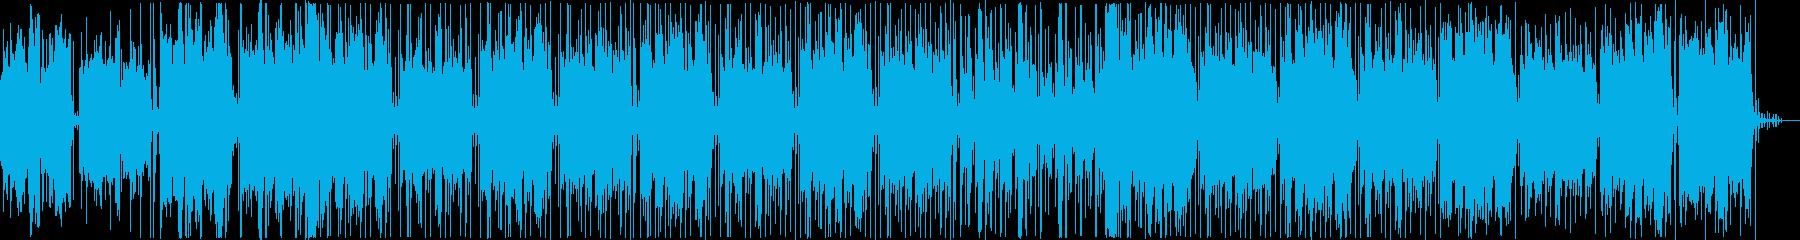 爽やかでトロピカルなLoFi Hiphoの再生済みの波形